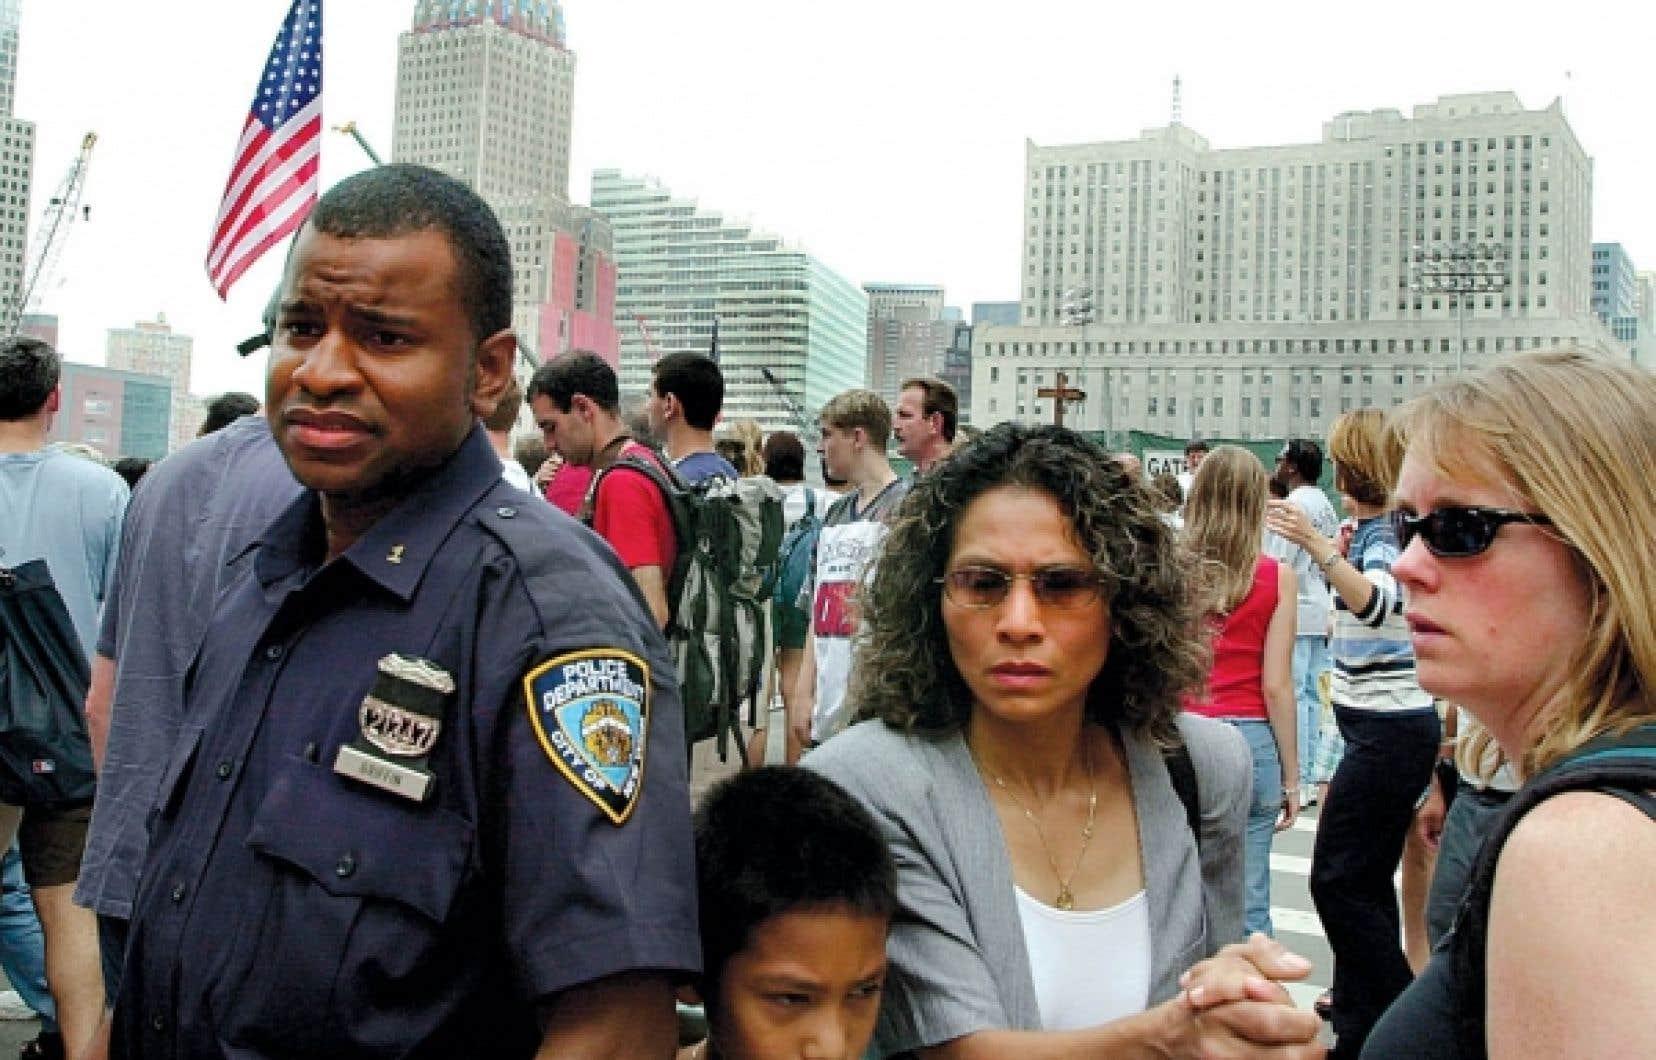 Un an après les attentats, à New York, les visages laissaient toujours voir des craintes. Une médiatisation extrême est venue alimenter un catastrophisme ambiant déjà très présent, estime le politologue Bruno Tertrais.